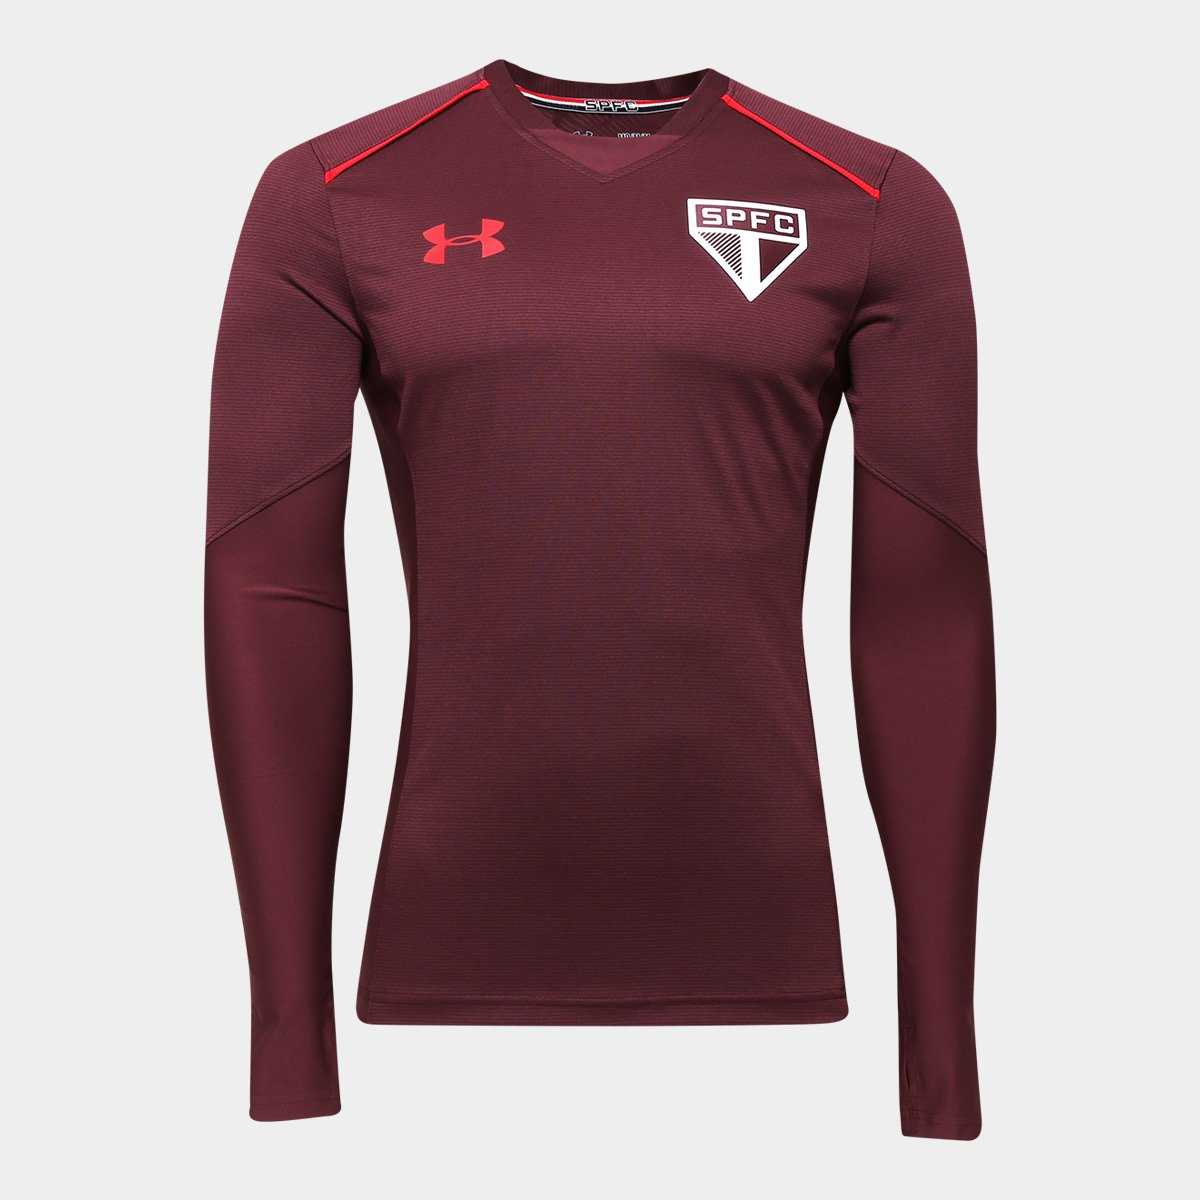 Camisa de Treino São Paulo 17 18 Under Armour Manga Longa Masculina - Compre  Agora  3fffc2d867d78